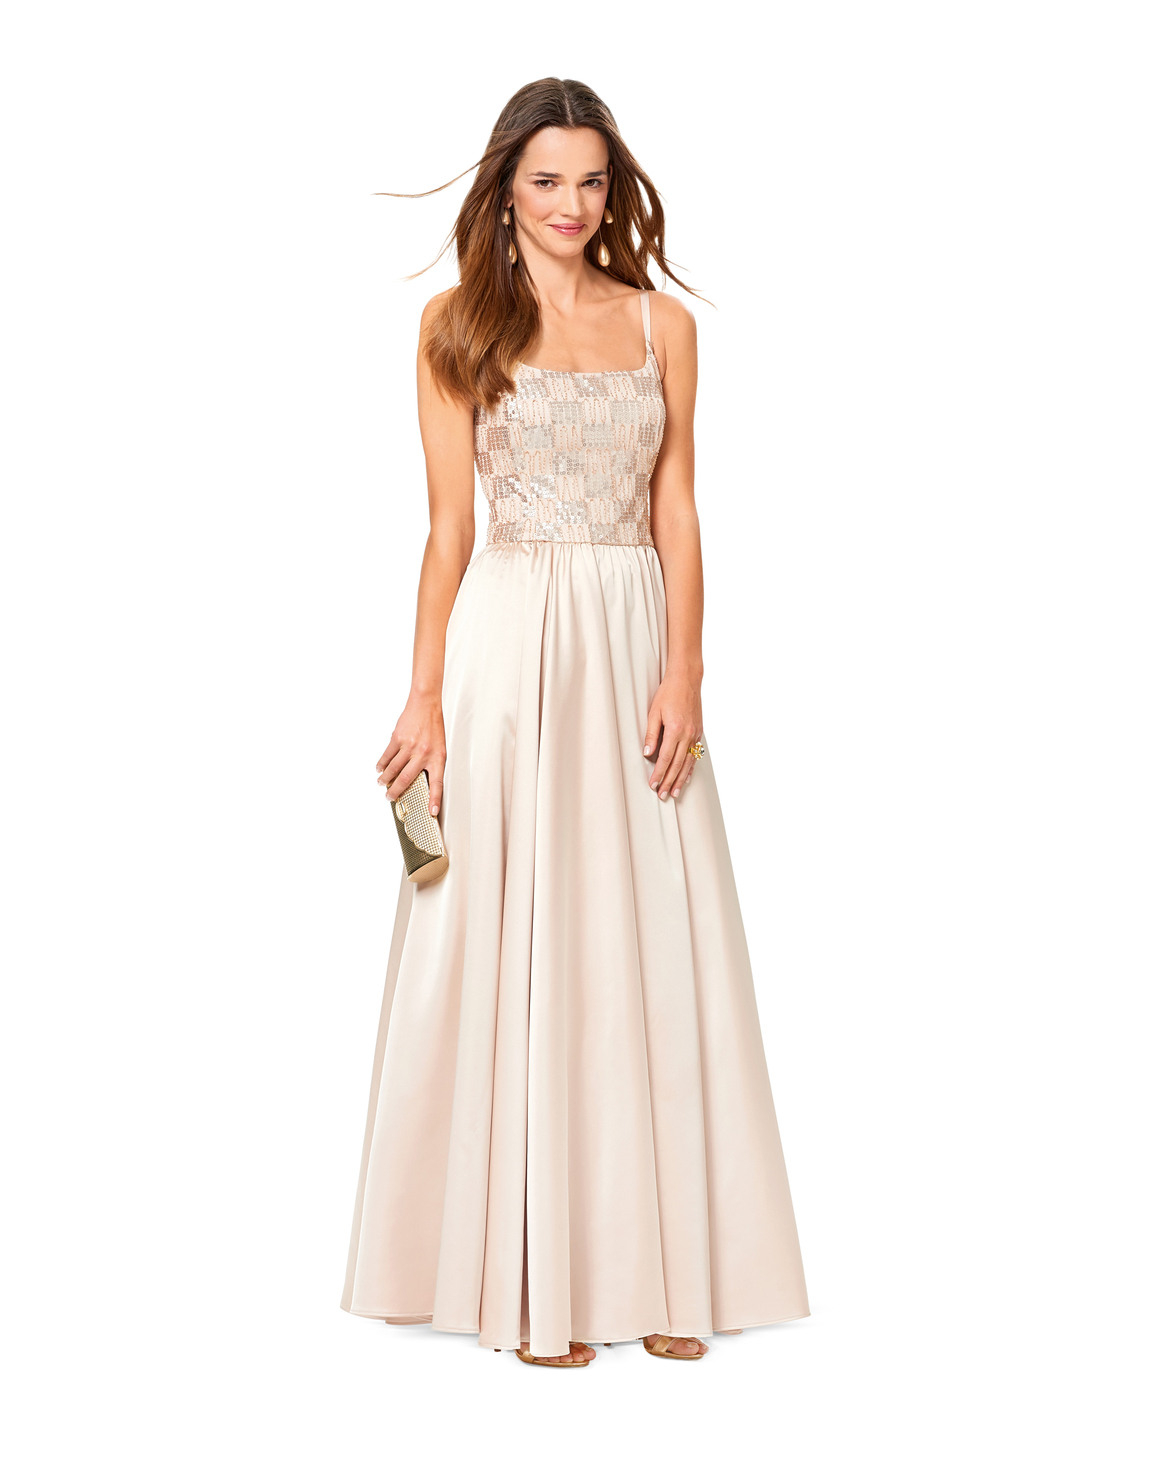 Wunderbar Abendkleid Nähen Schnittmuster Boutique10 Cool Abendkleid Nähen Schnittmuster Vertrieb